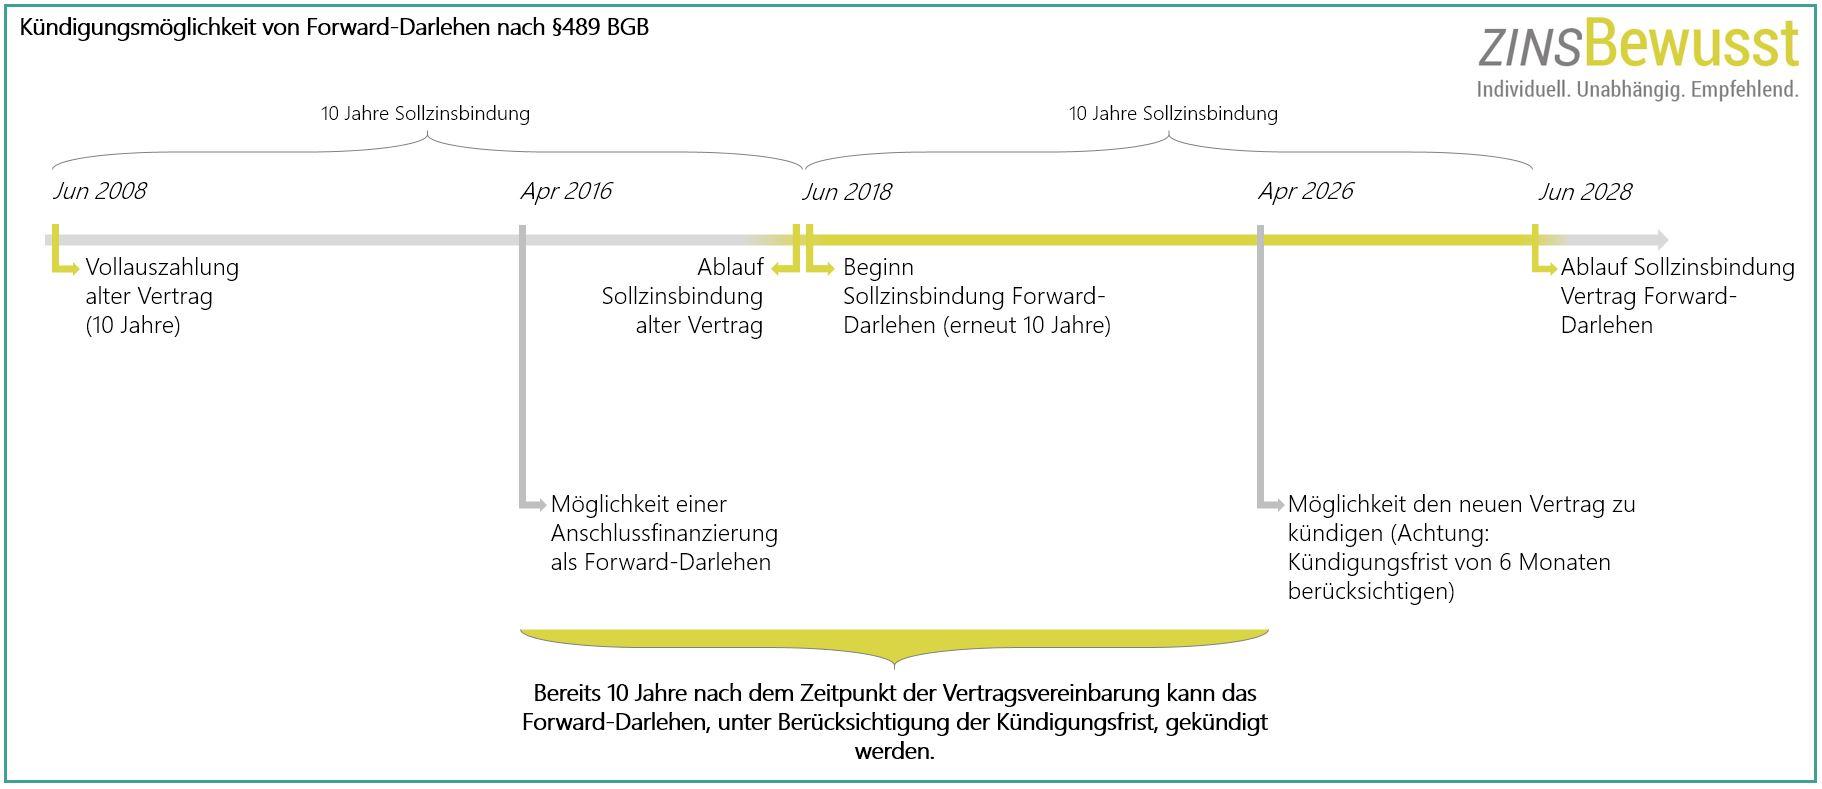 Kuendigung eines Forward-Darlehens nach §489 BGB